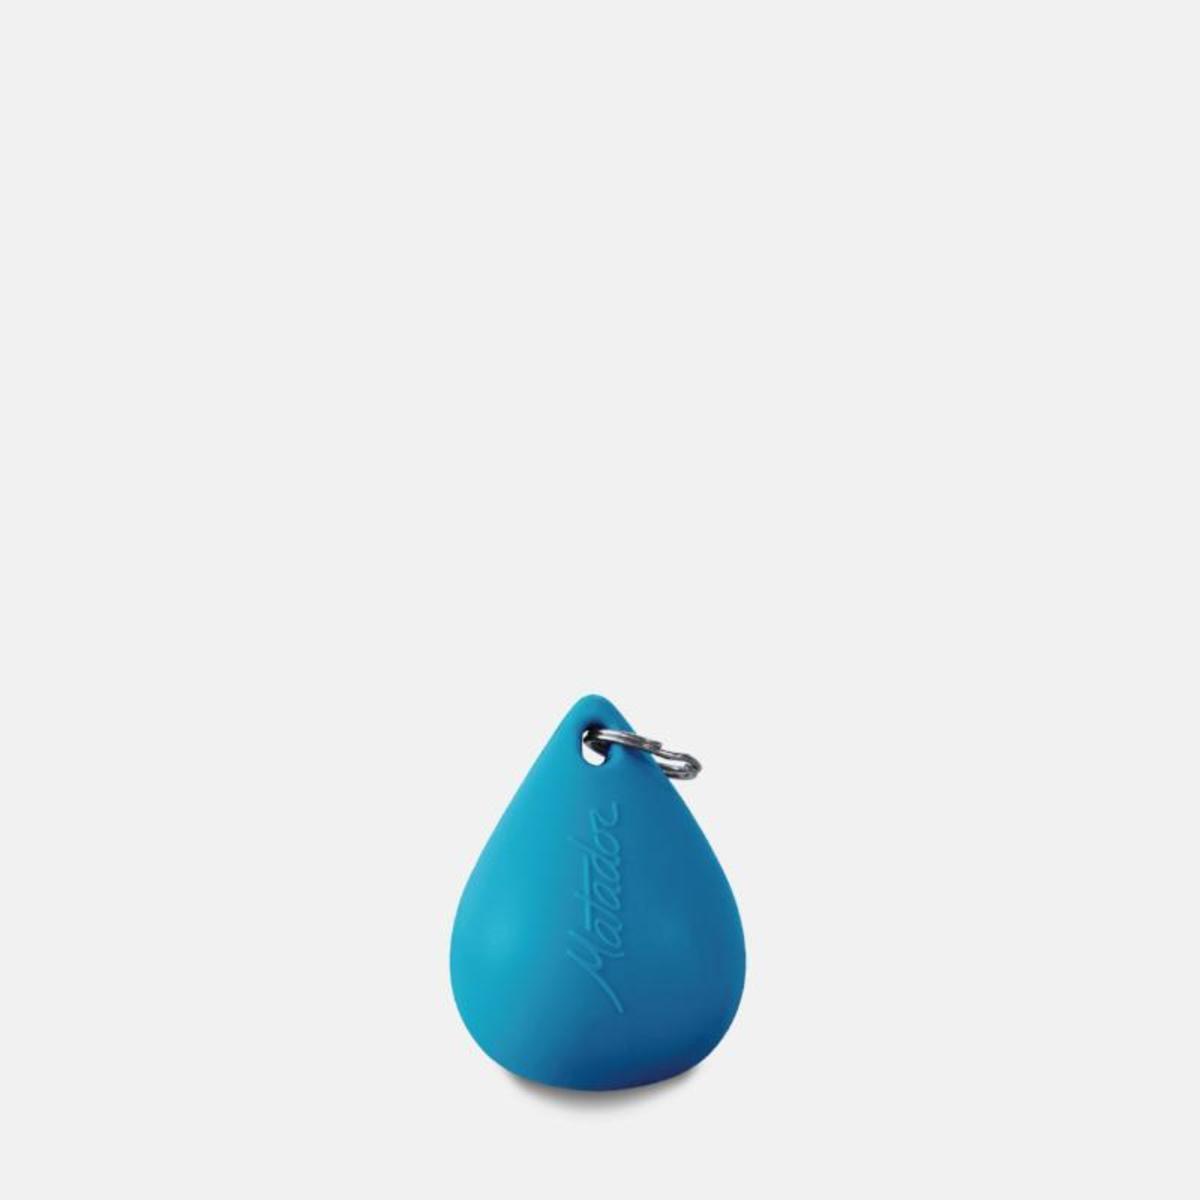 Droplet Wet Bag 水滴輕便防水收納袋3L 淺藍色